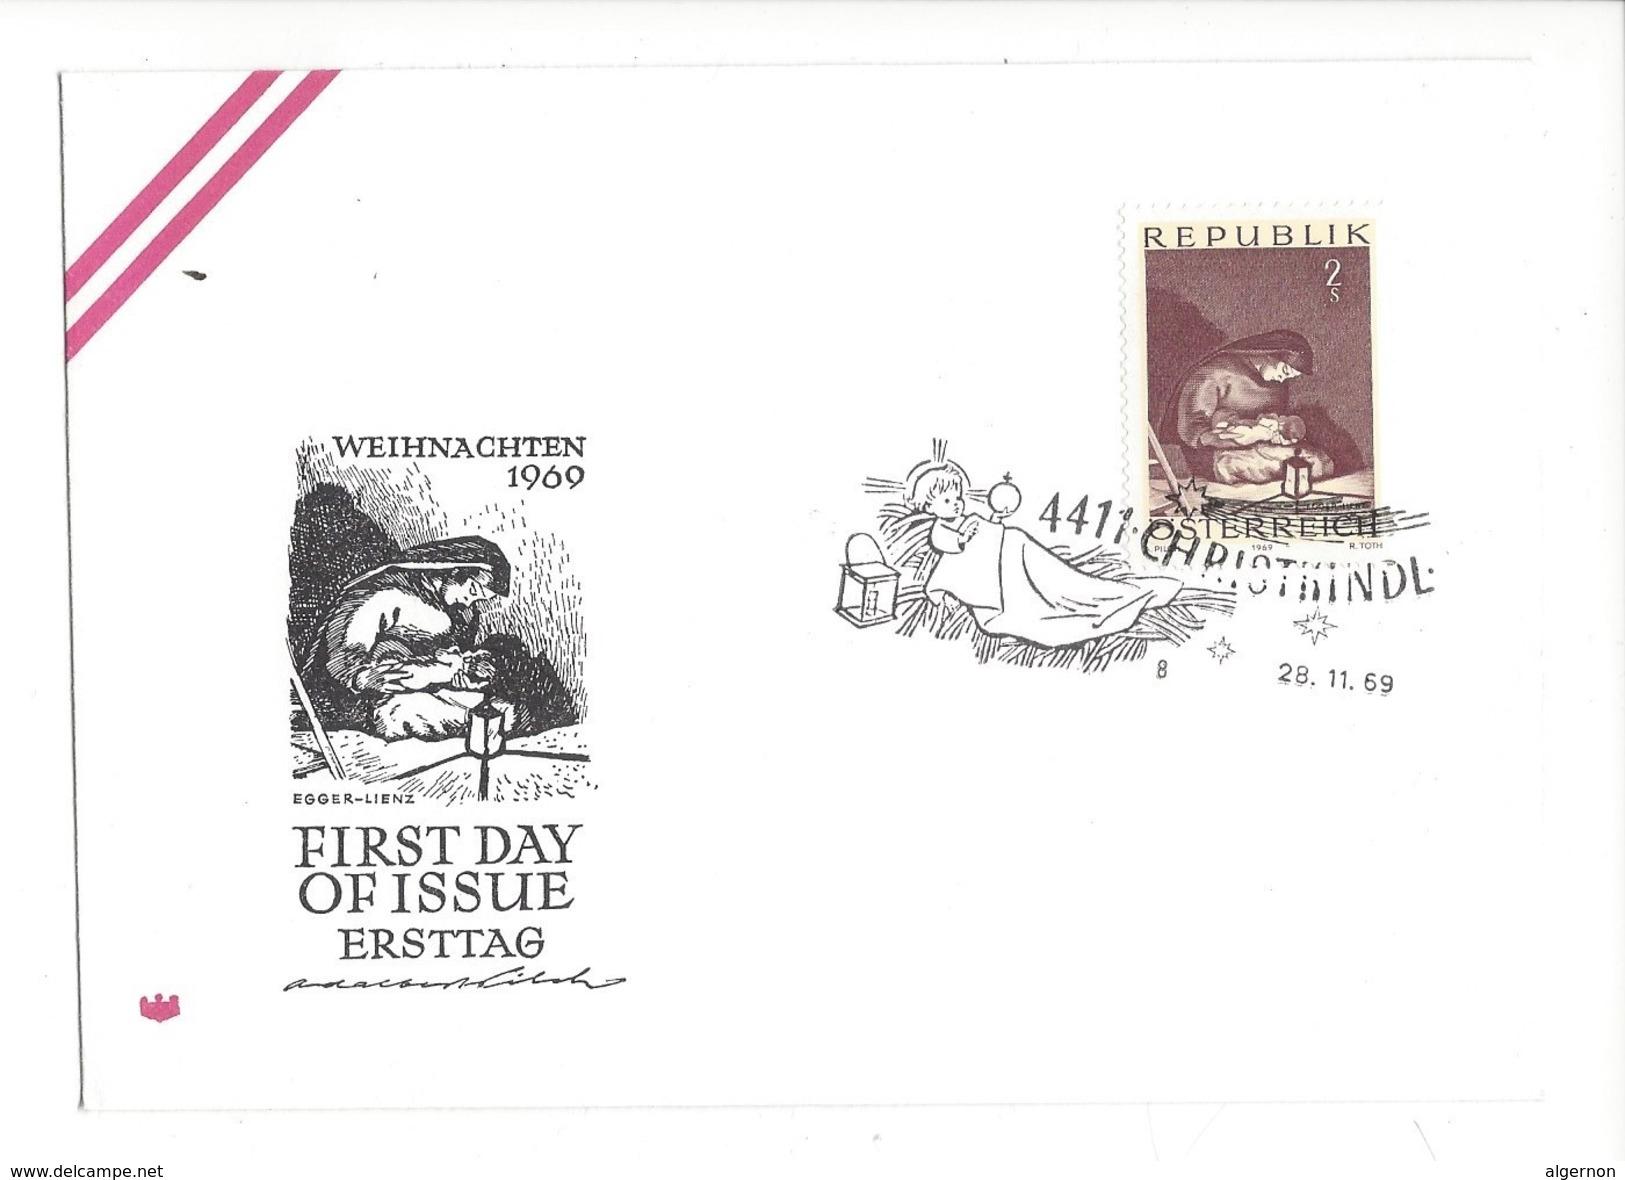 16020 - Christkindl Cover 28.11.1969 Weihnachten Egger-Lienz - Noël